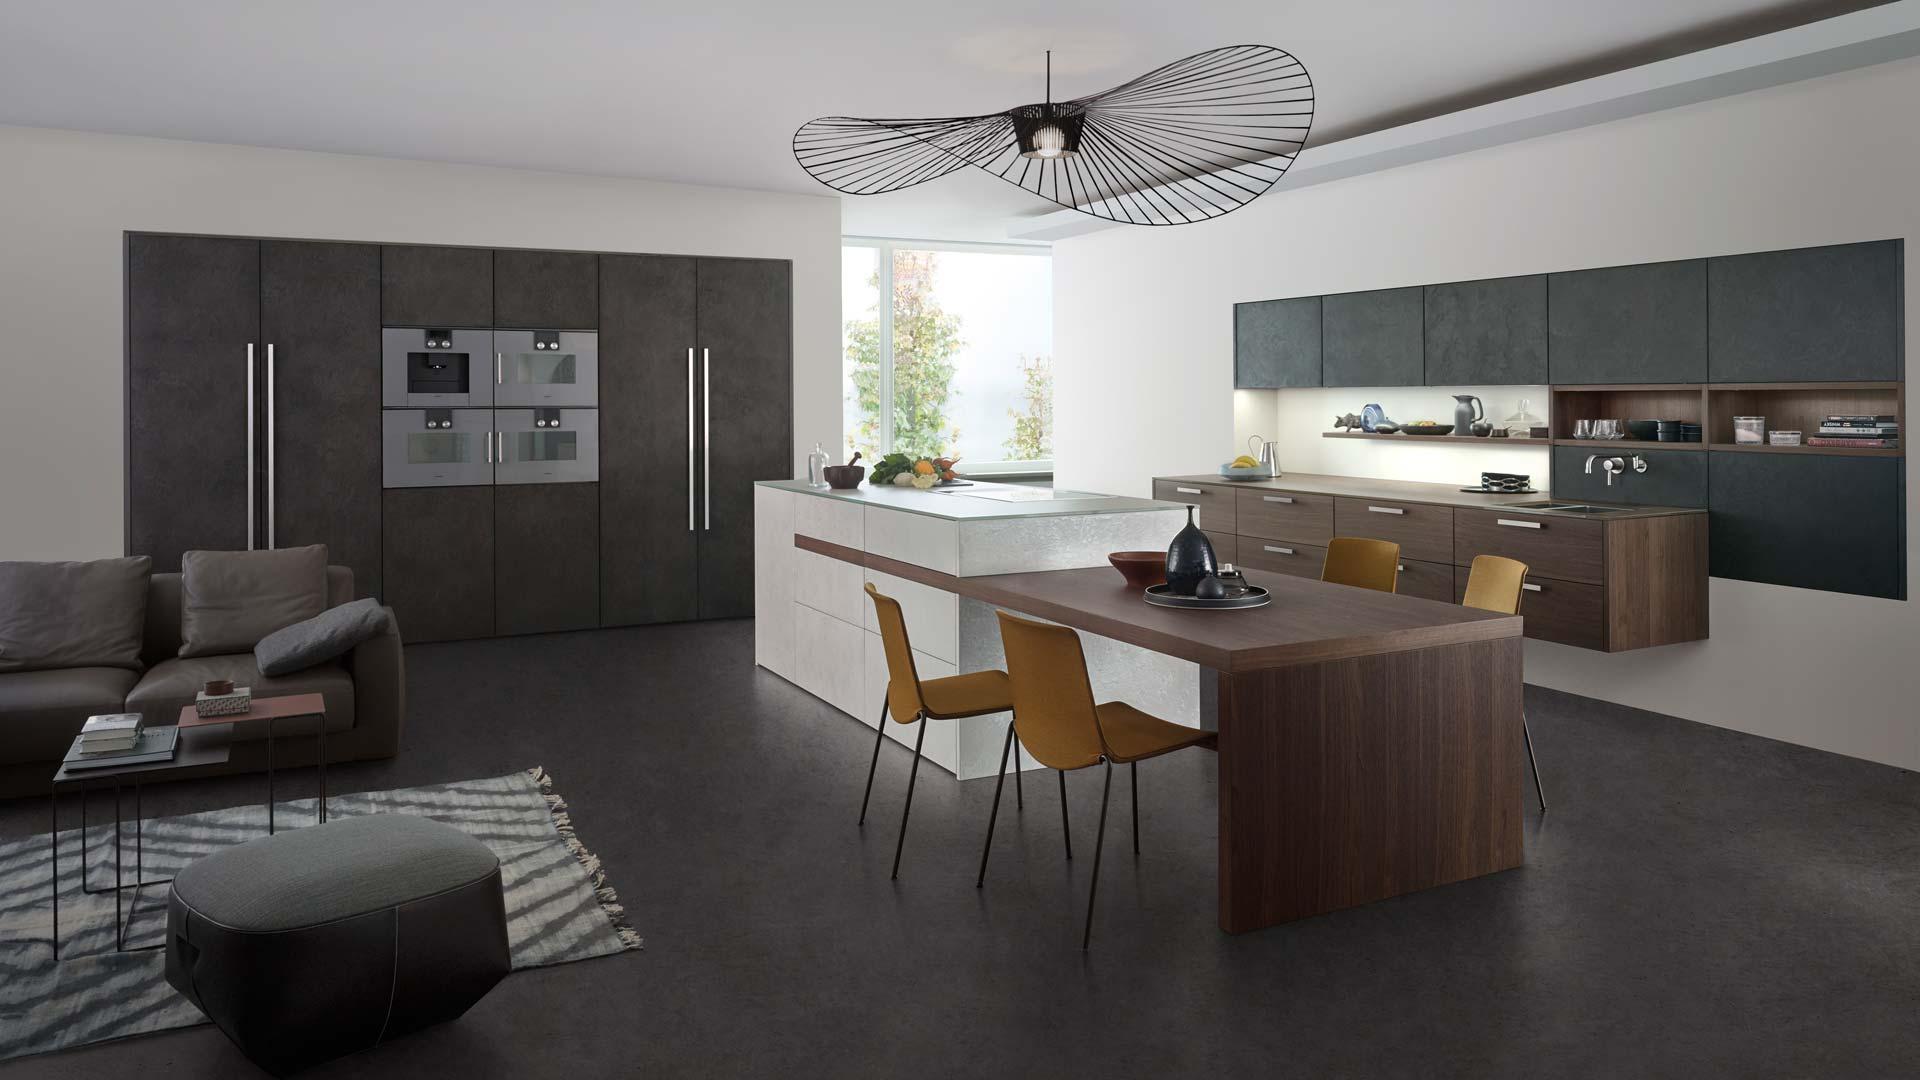 Leicht Küche Modern in Holz und Beton bei Miele Center Ebner & Spuller in Graz